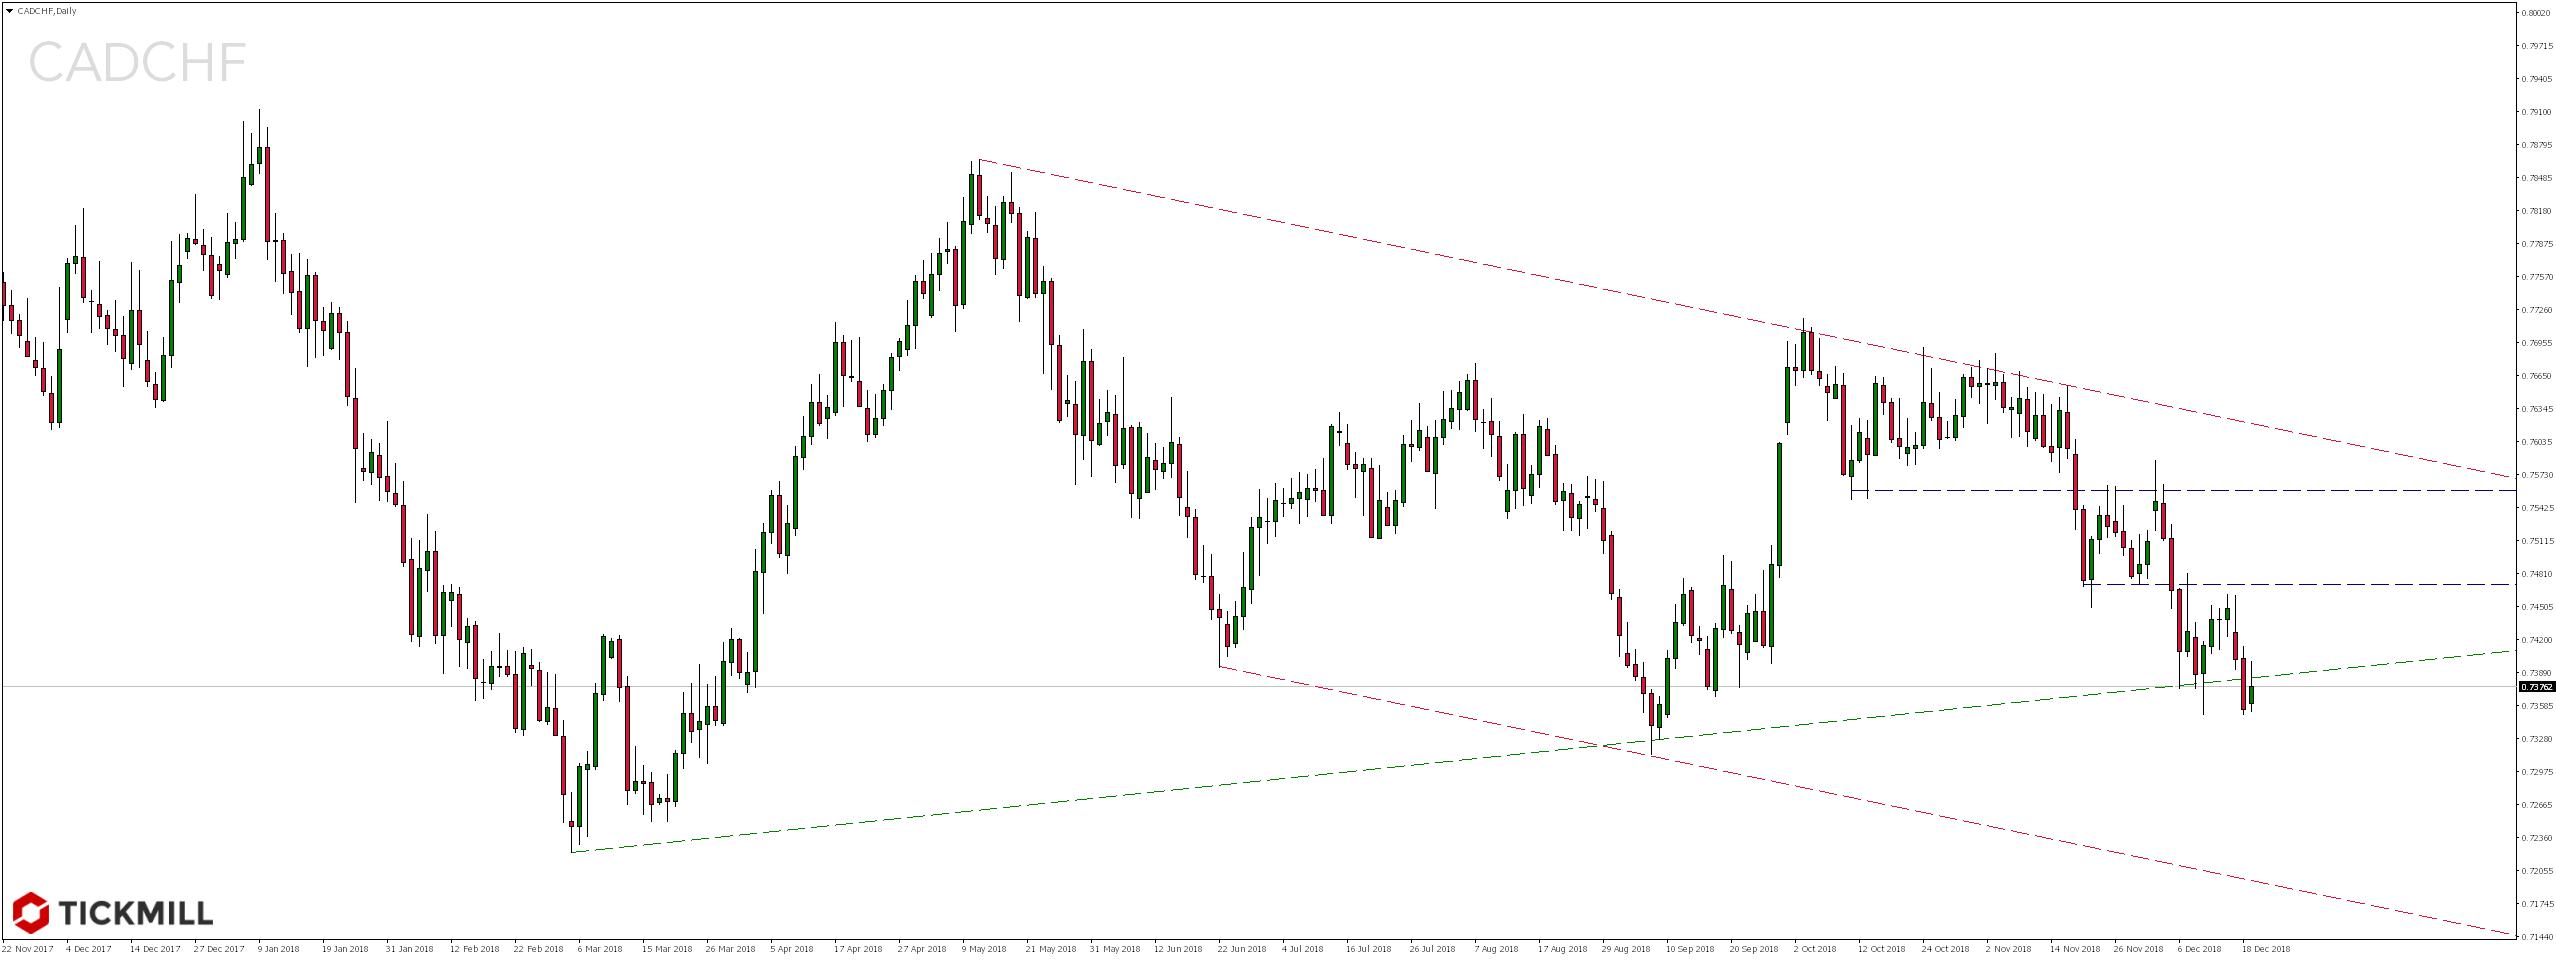 Kurs pary walutowej CADCHF